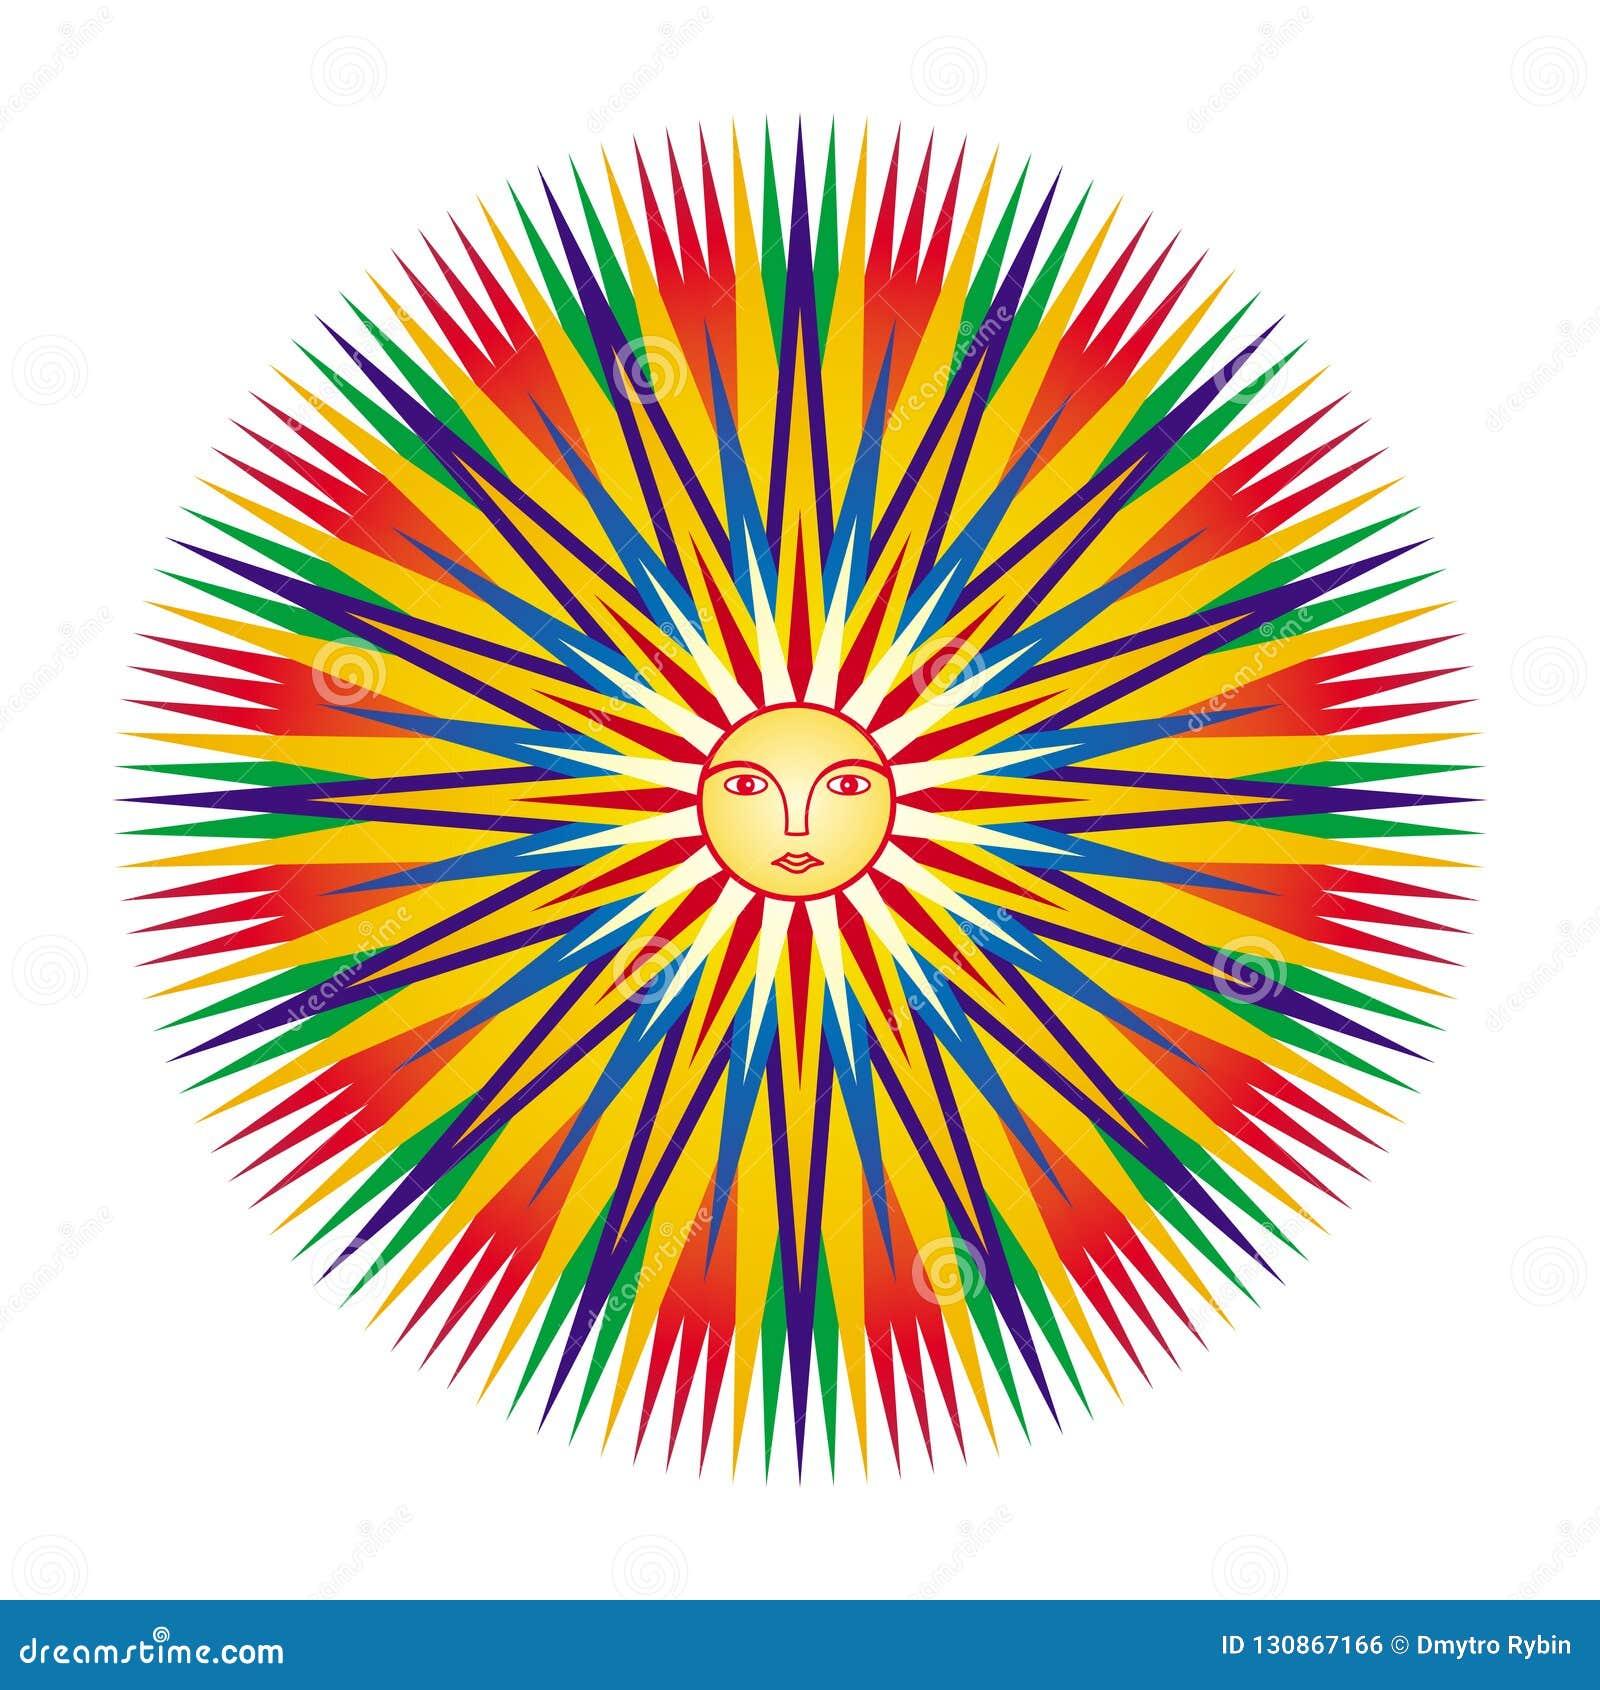 Mandala Colorida Geometrica Com A Cara De Um Homem No Centro